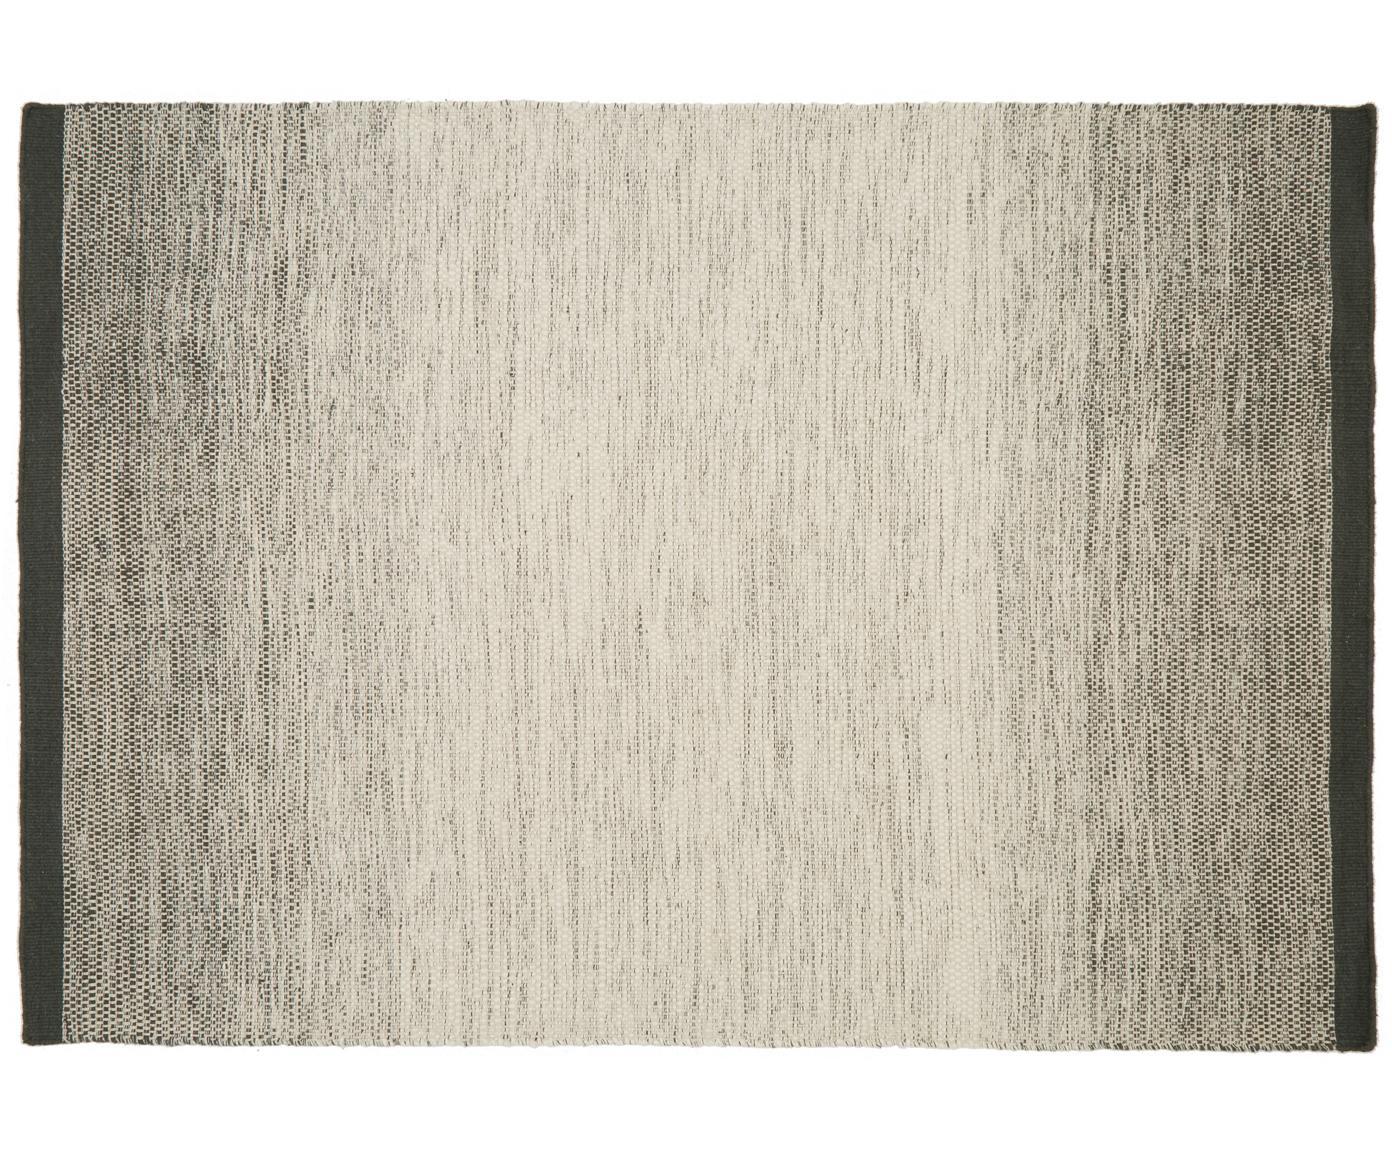 Handgewebter Wollteppich Lule mit Farbverlauf in Beige/Grün, 70% Wolle, 30% Baumwolle, Dunkelgrün, Beige, B 140 x L 200 cm (Größe S)